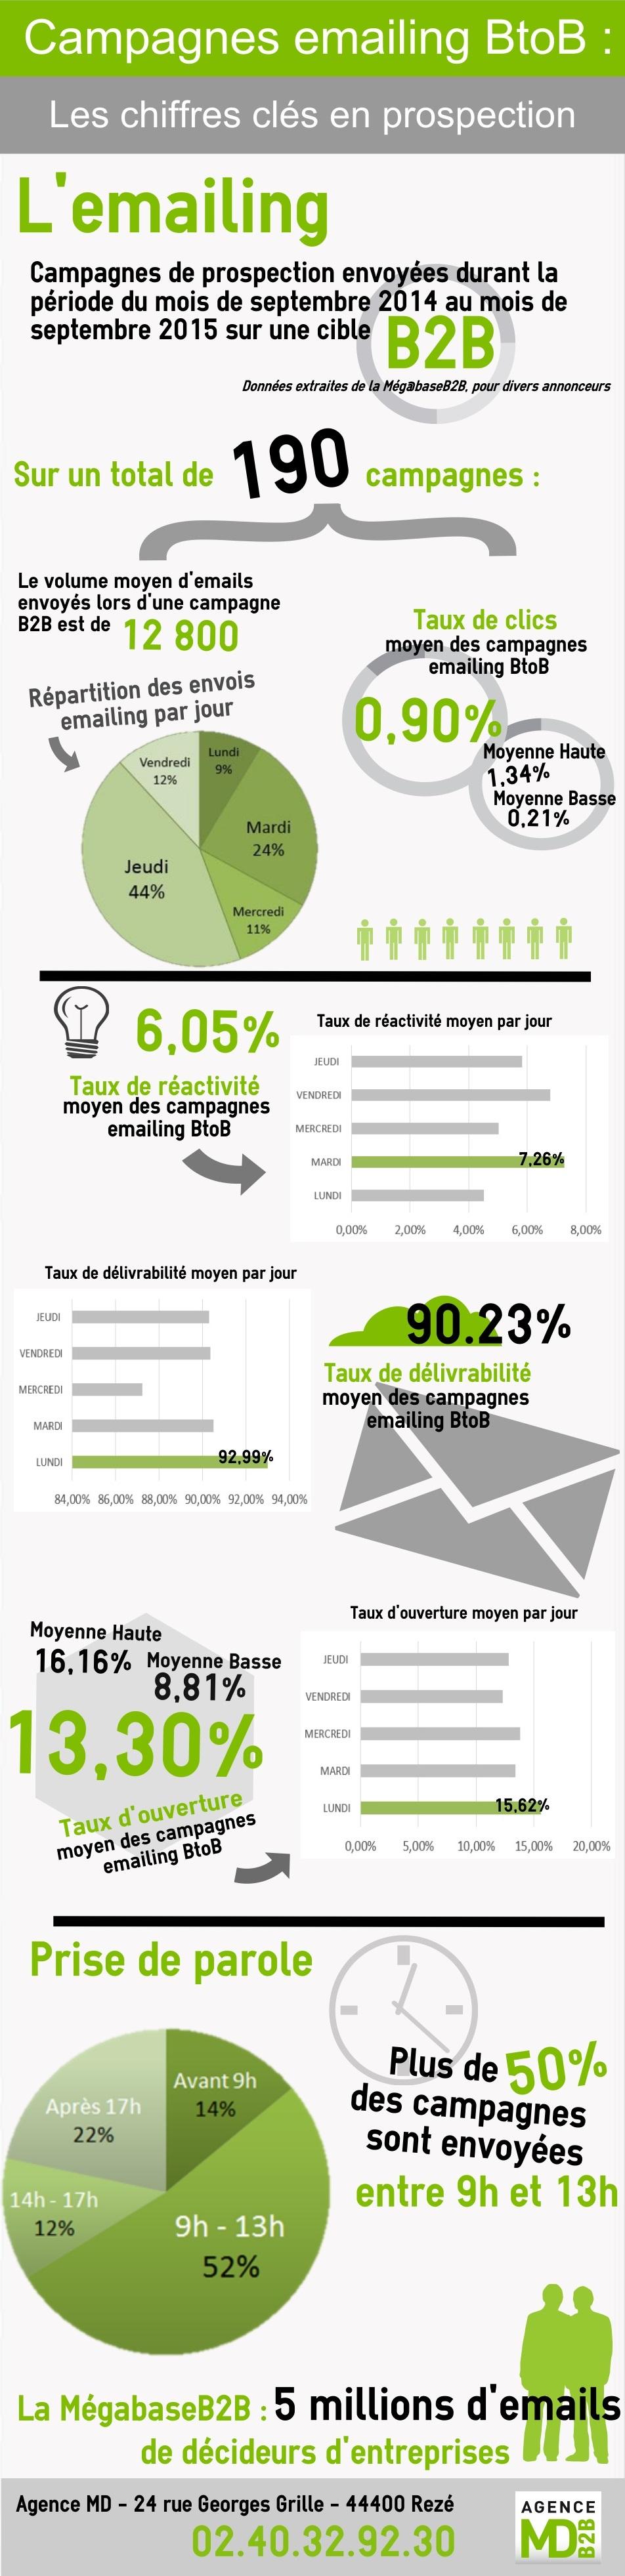 emailing-de-prospection-en-B2B-les-chiffres-clés